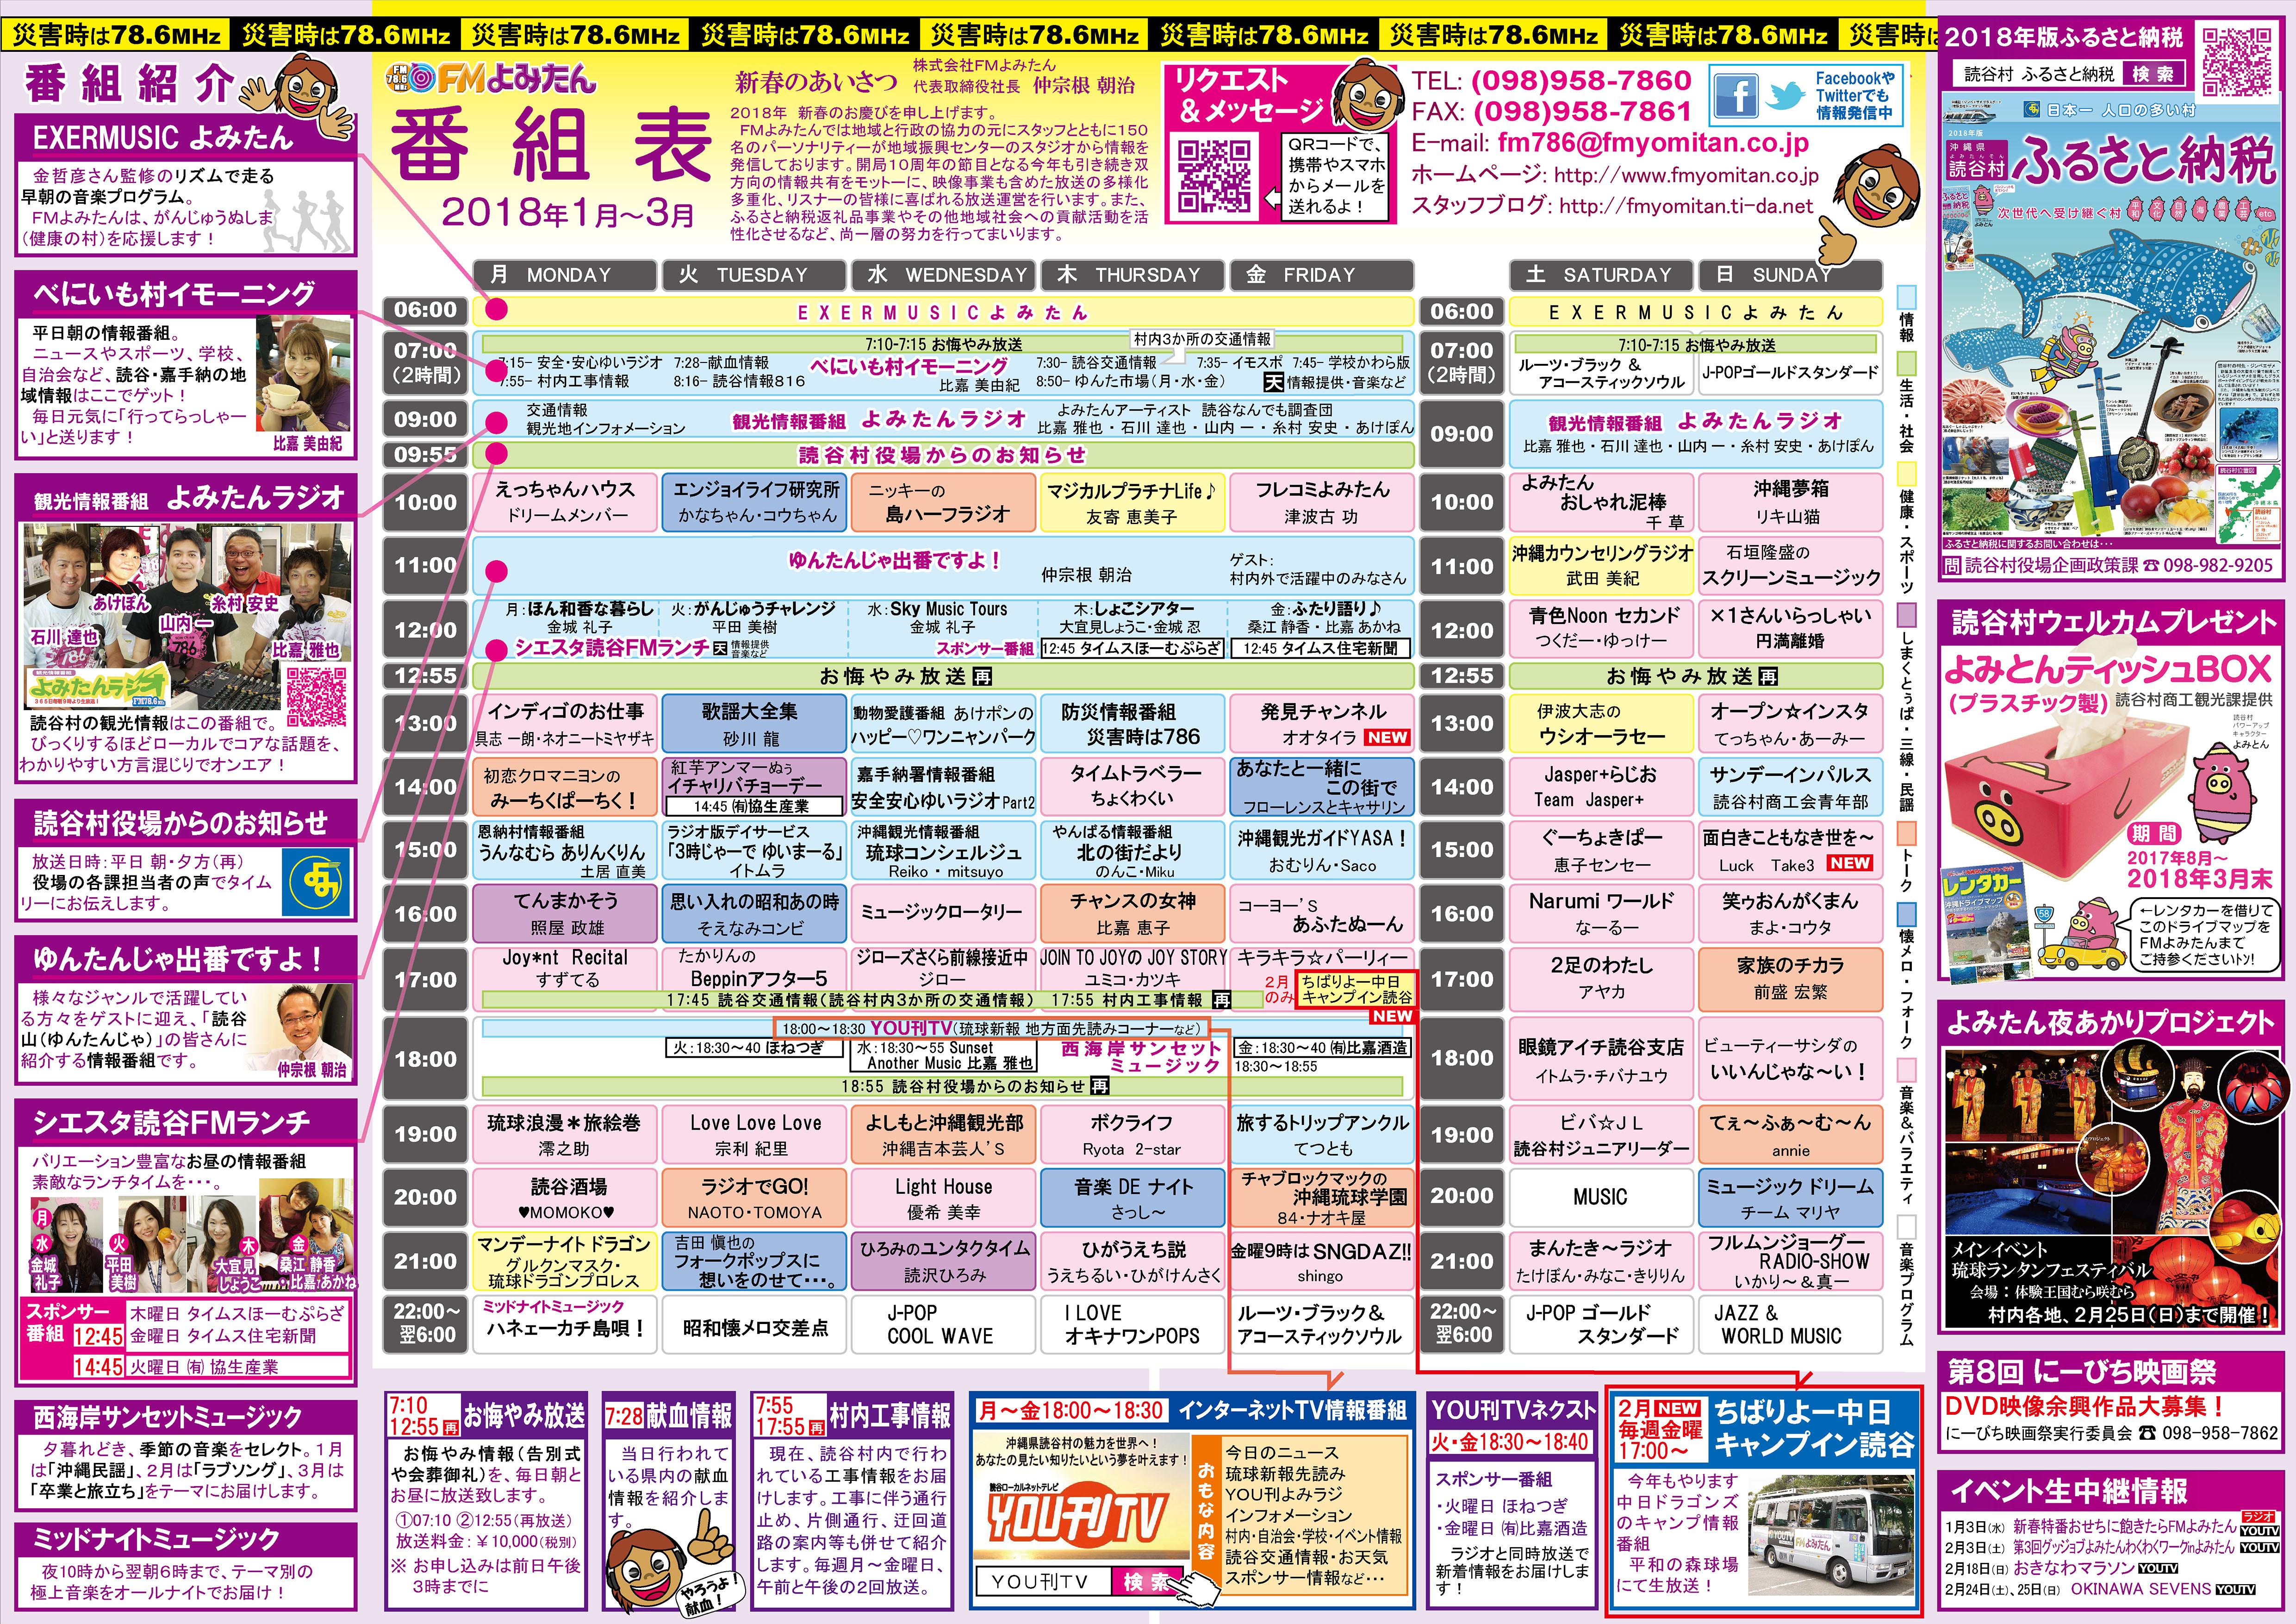 20号A3二つ折り_裏(内側)1-4